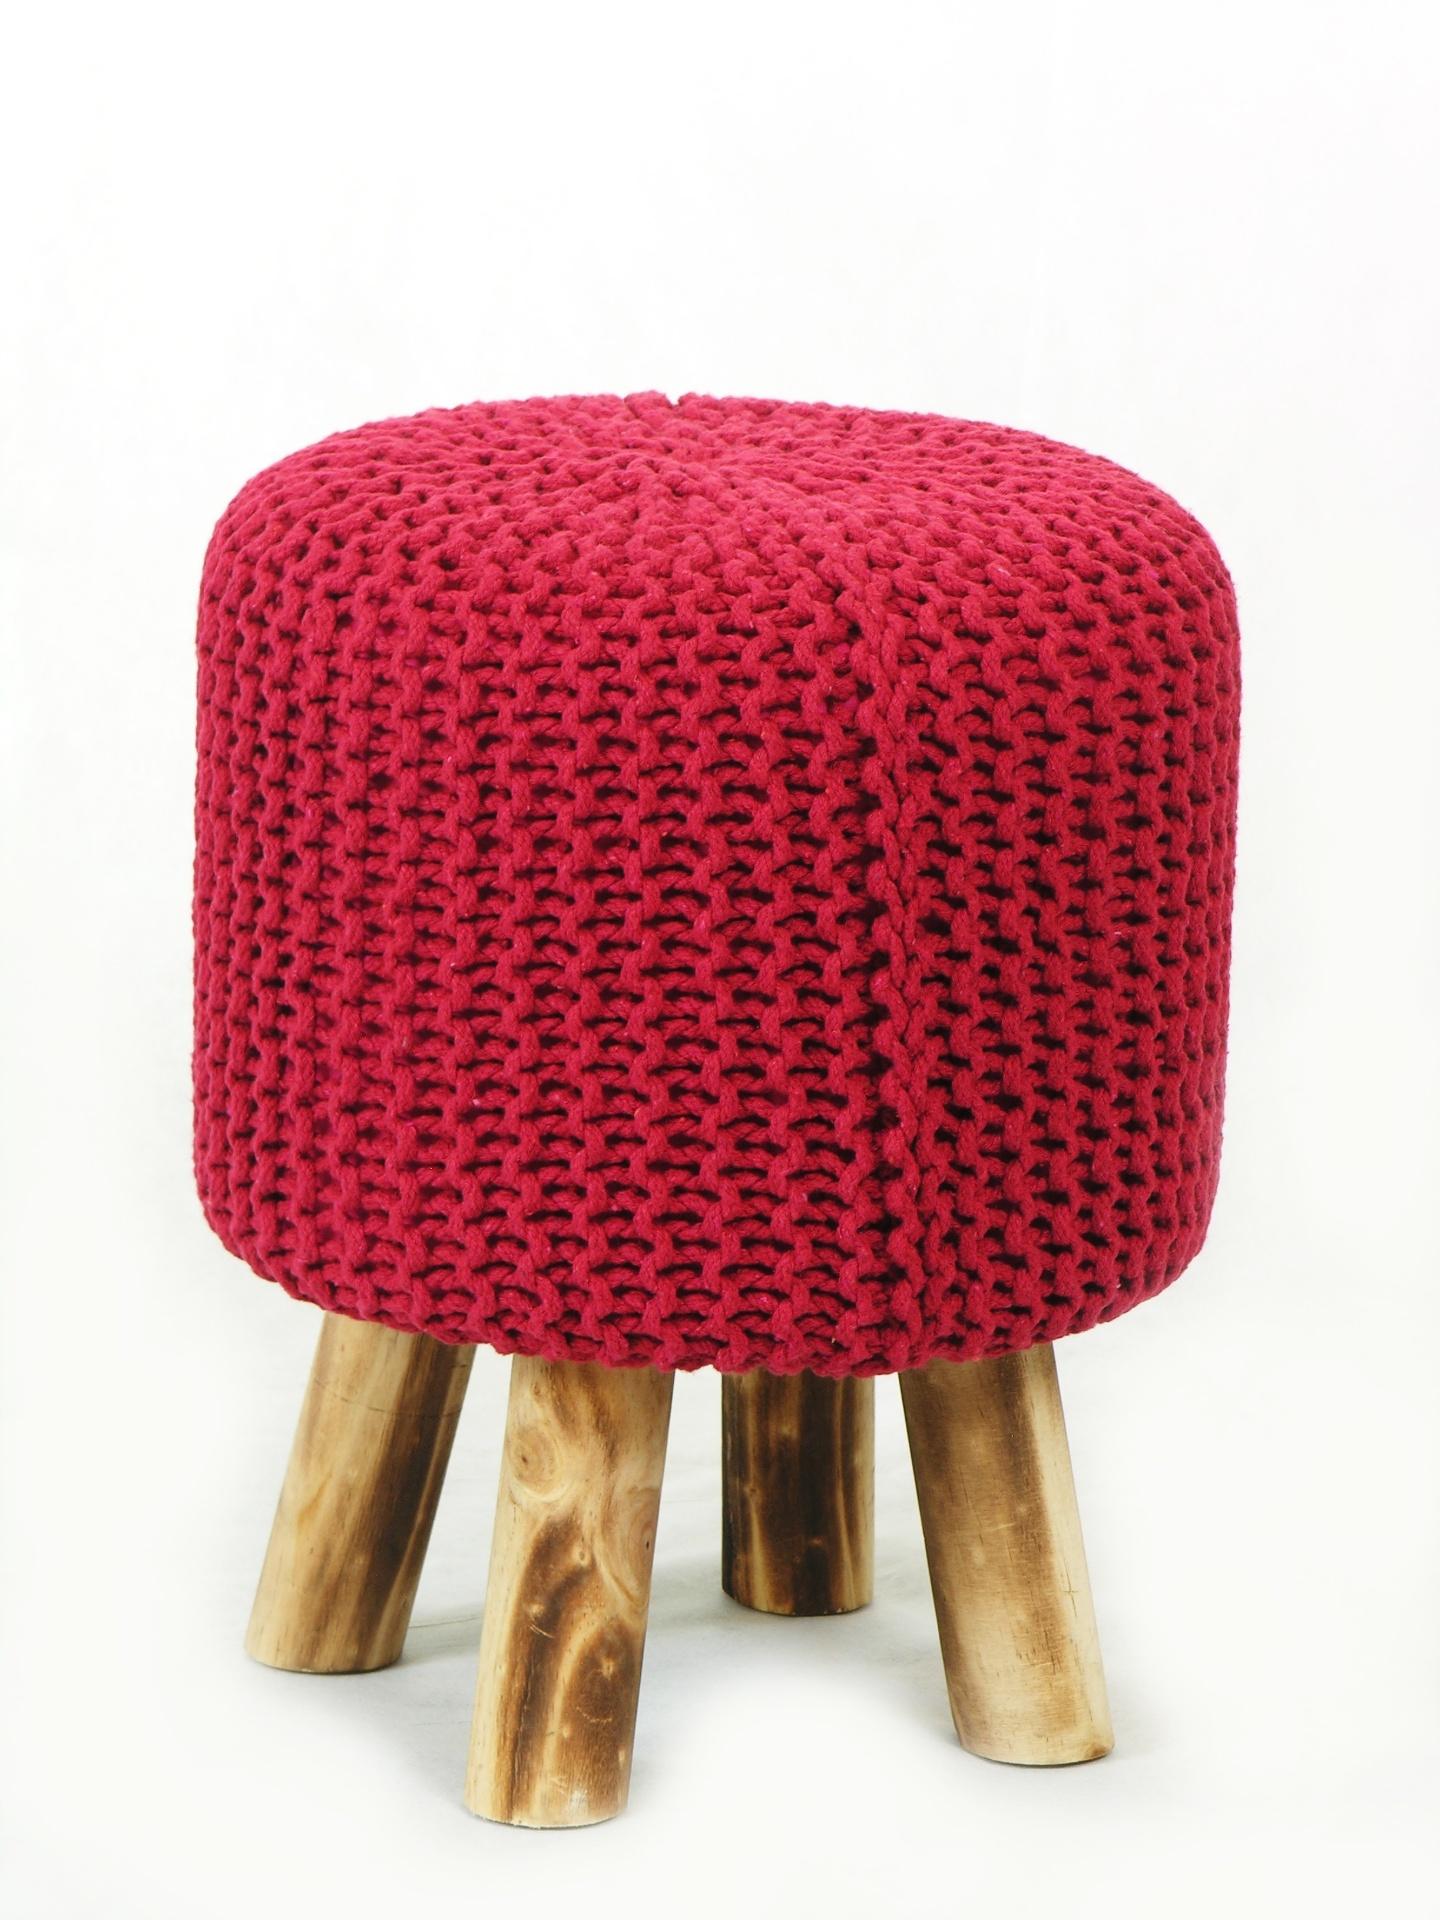 O pufe Red tem estrutura revestida em tricô de algodão, sustentada por pés de madeira. O móvel é comercializado na Wish Design (www.wishdesign.com.br)